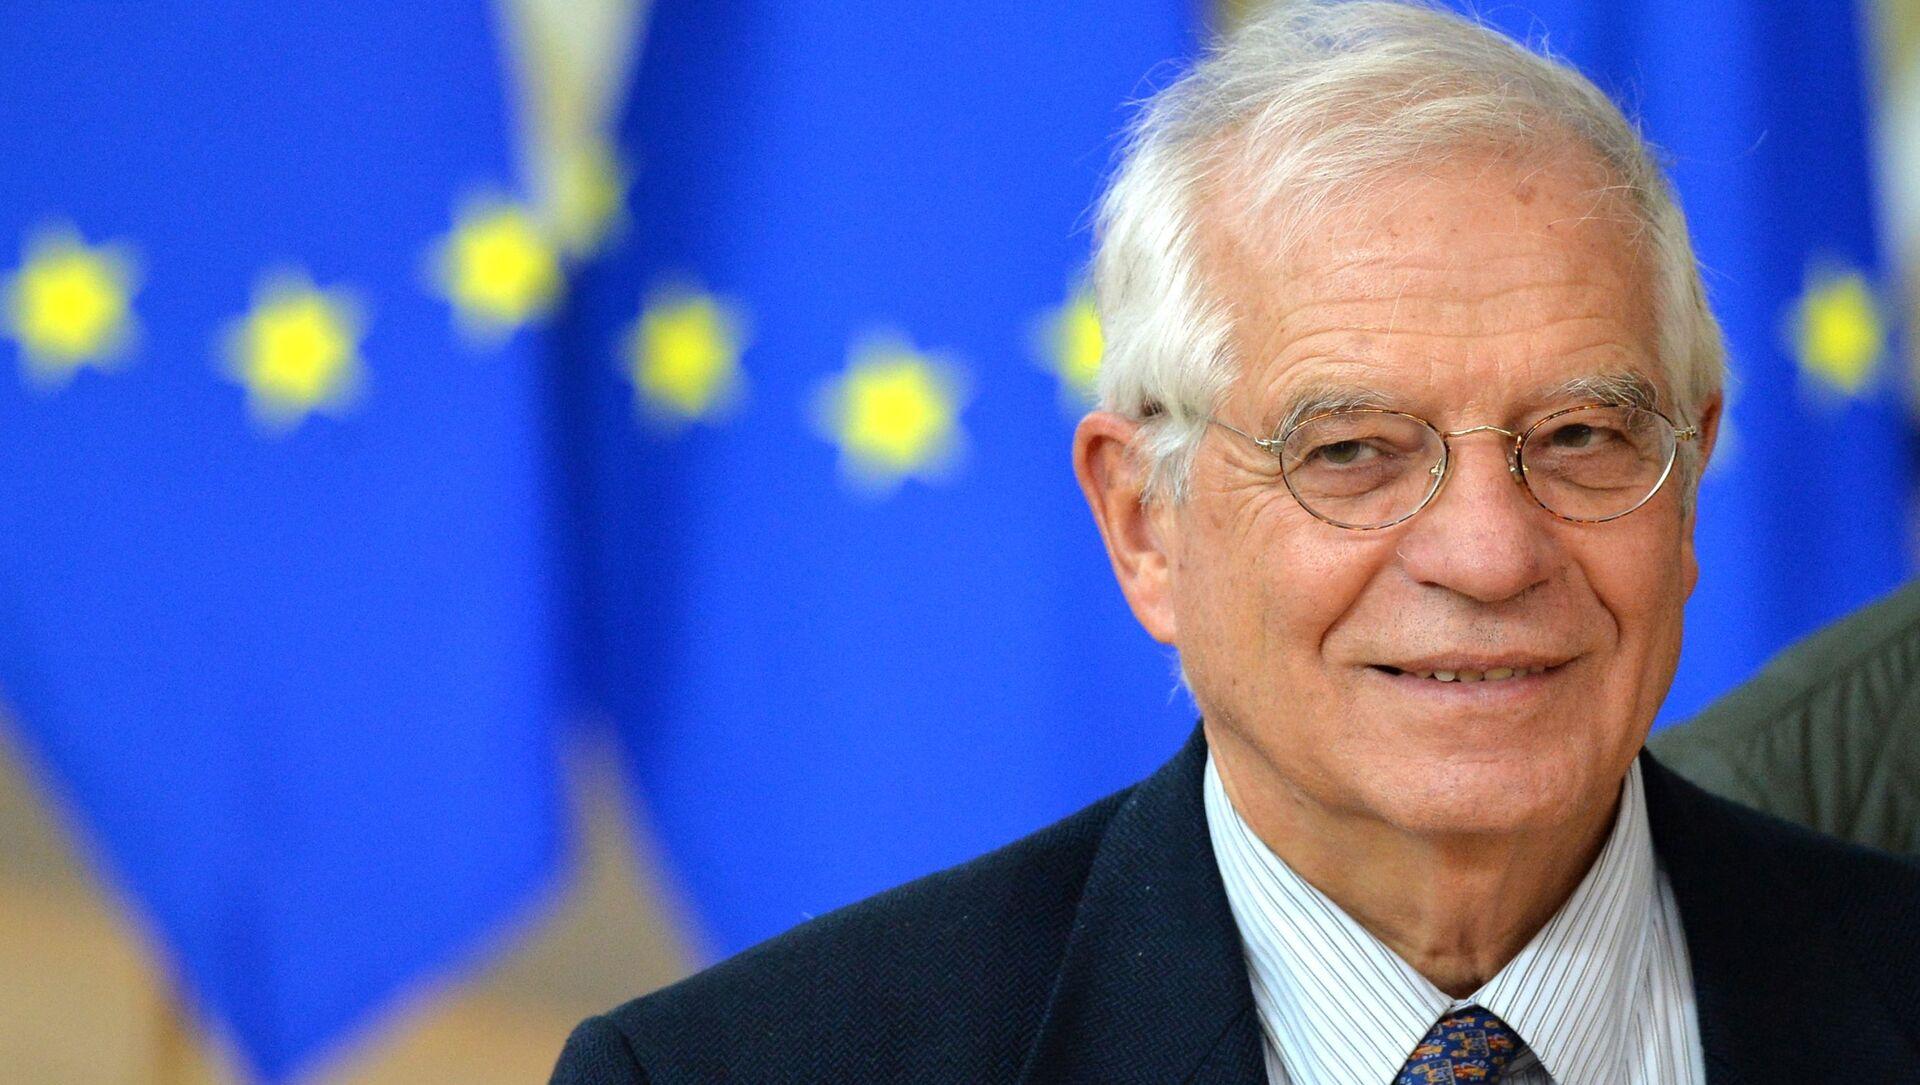 Wysoki przedstawiciel UE do spraw zagranicznych i polityki bezpieczeństwa Josep Borrell. - Sputnik Polska, 1920, 24.03.2021